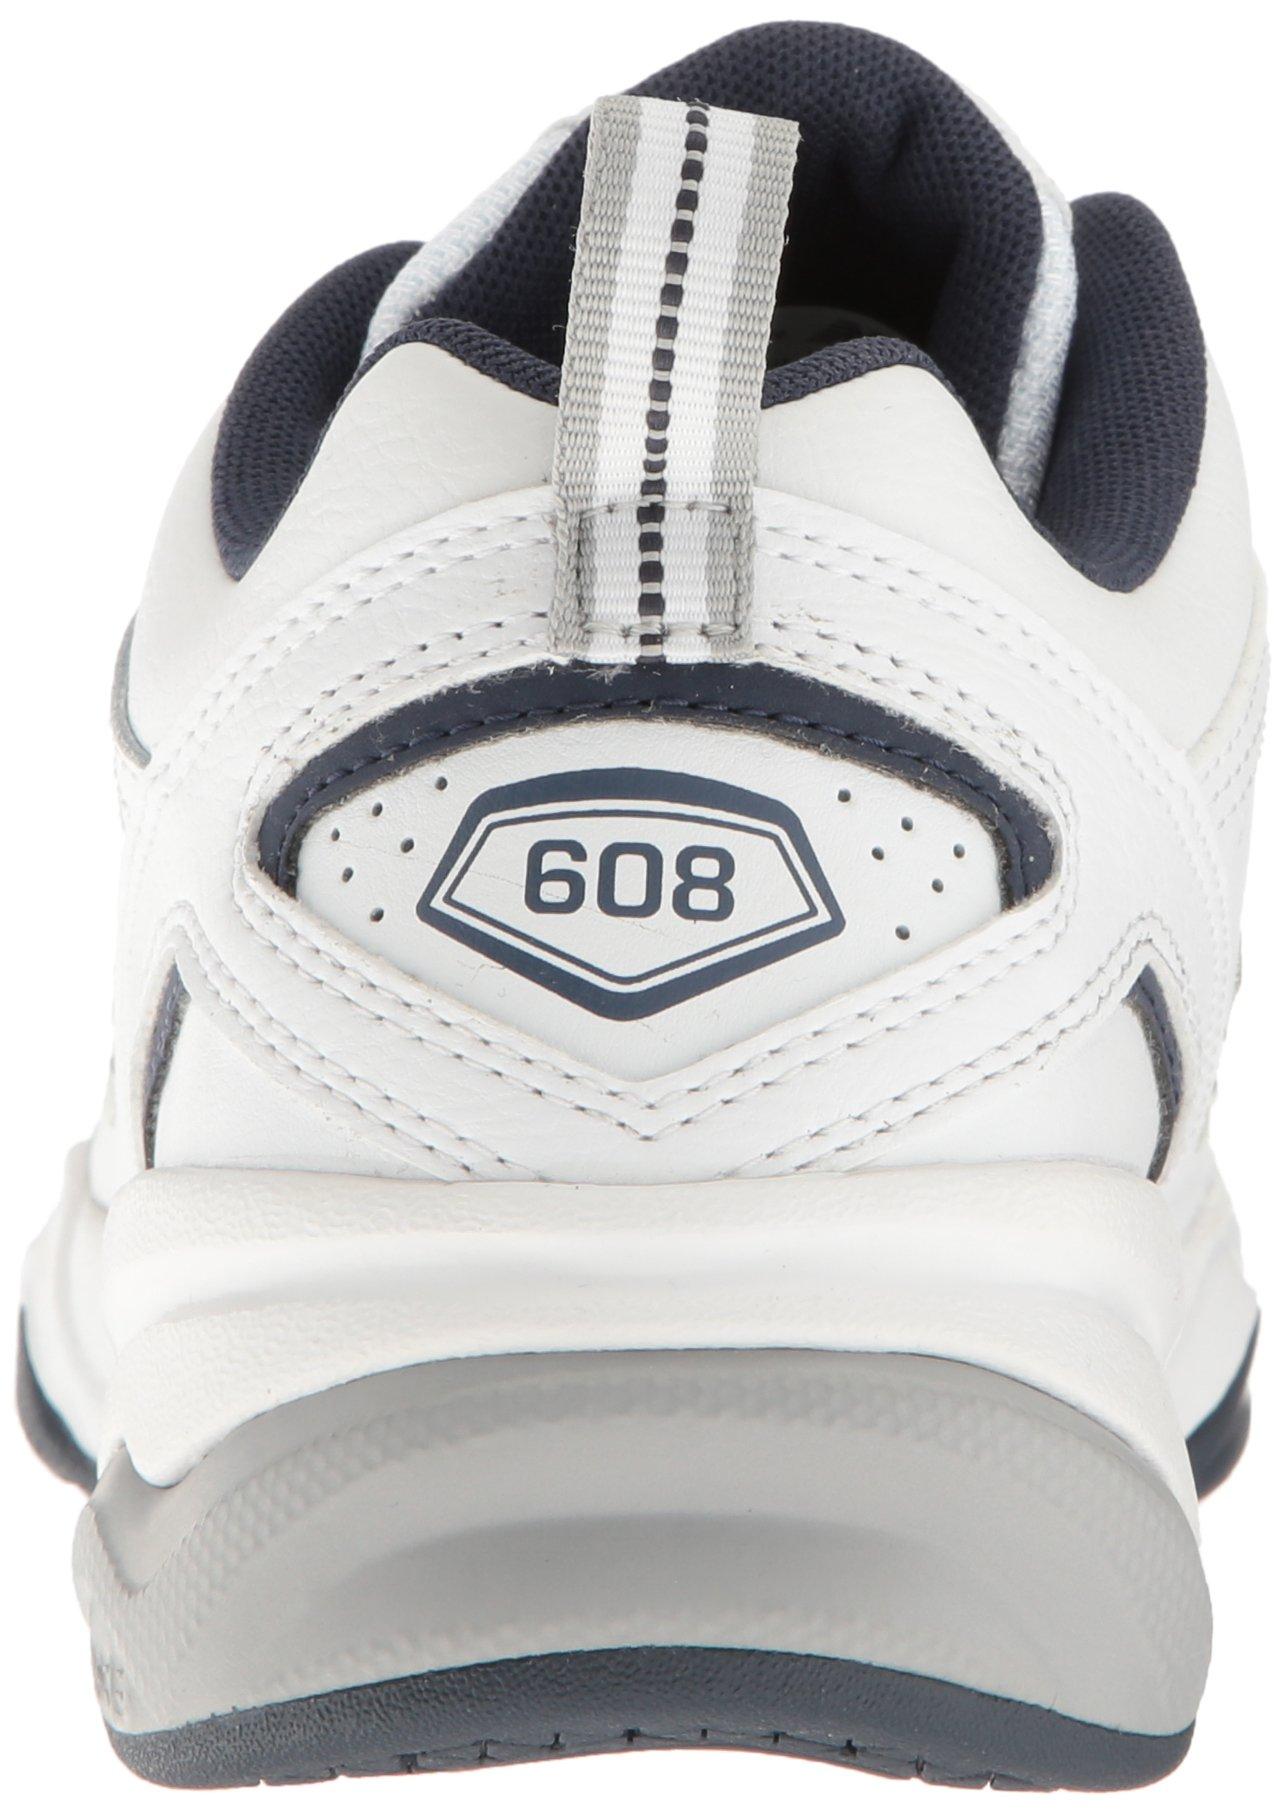 New Balance Men's MX608v4 Training Shoe, White/Navy, 7.5 4E US by New Balance (Image #2)